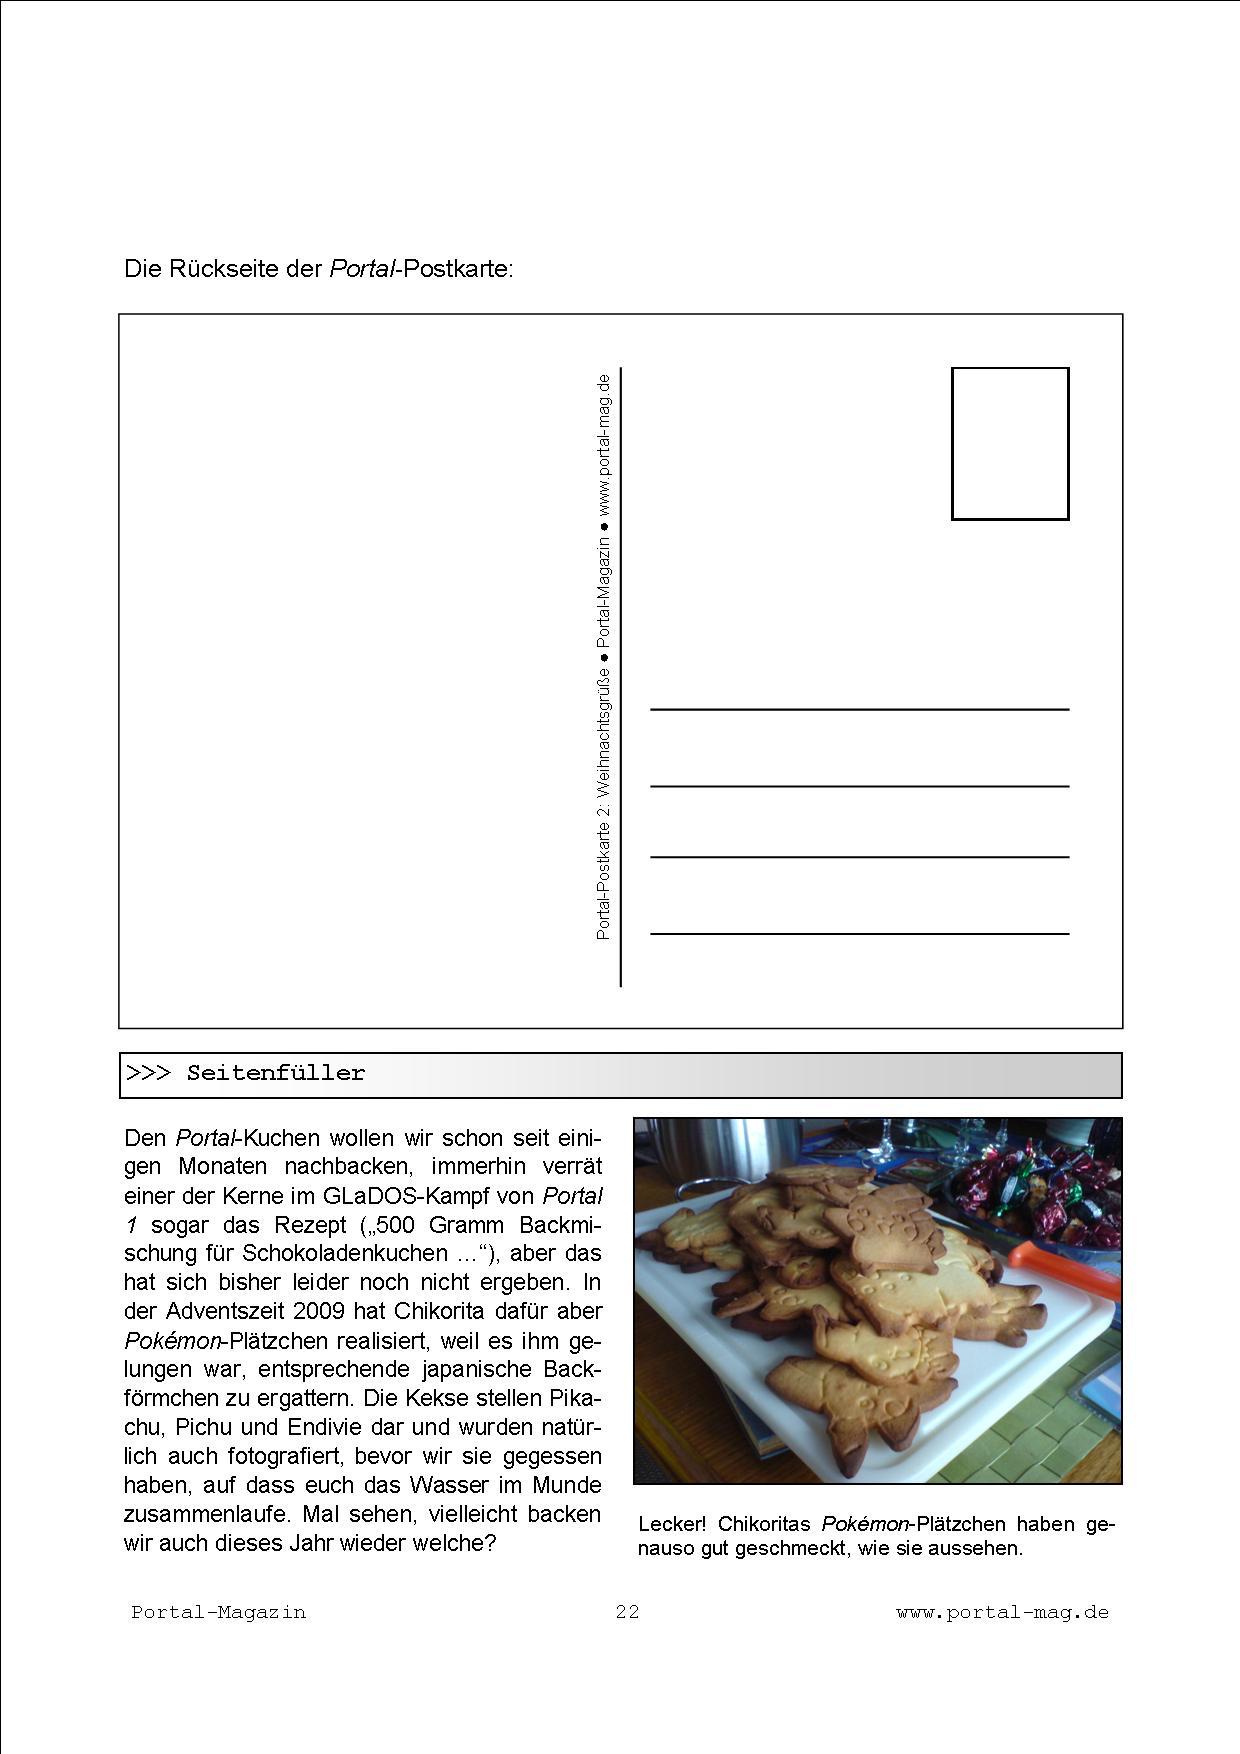 Ausgabe 11, Seite 22